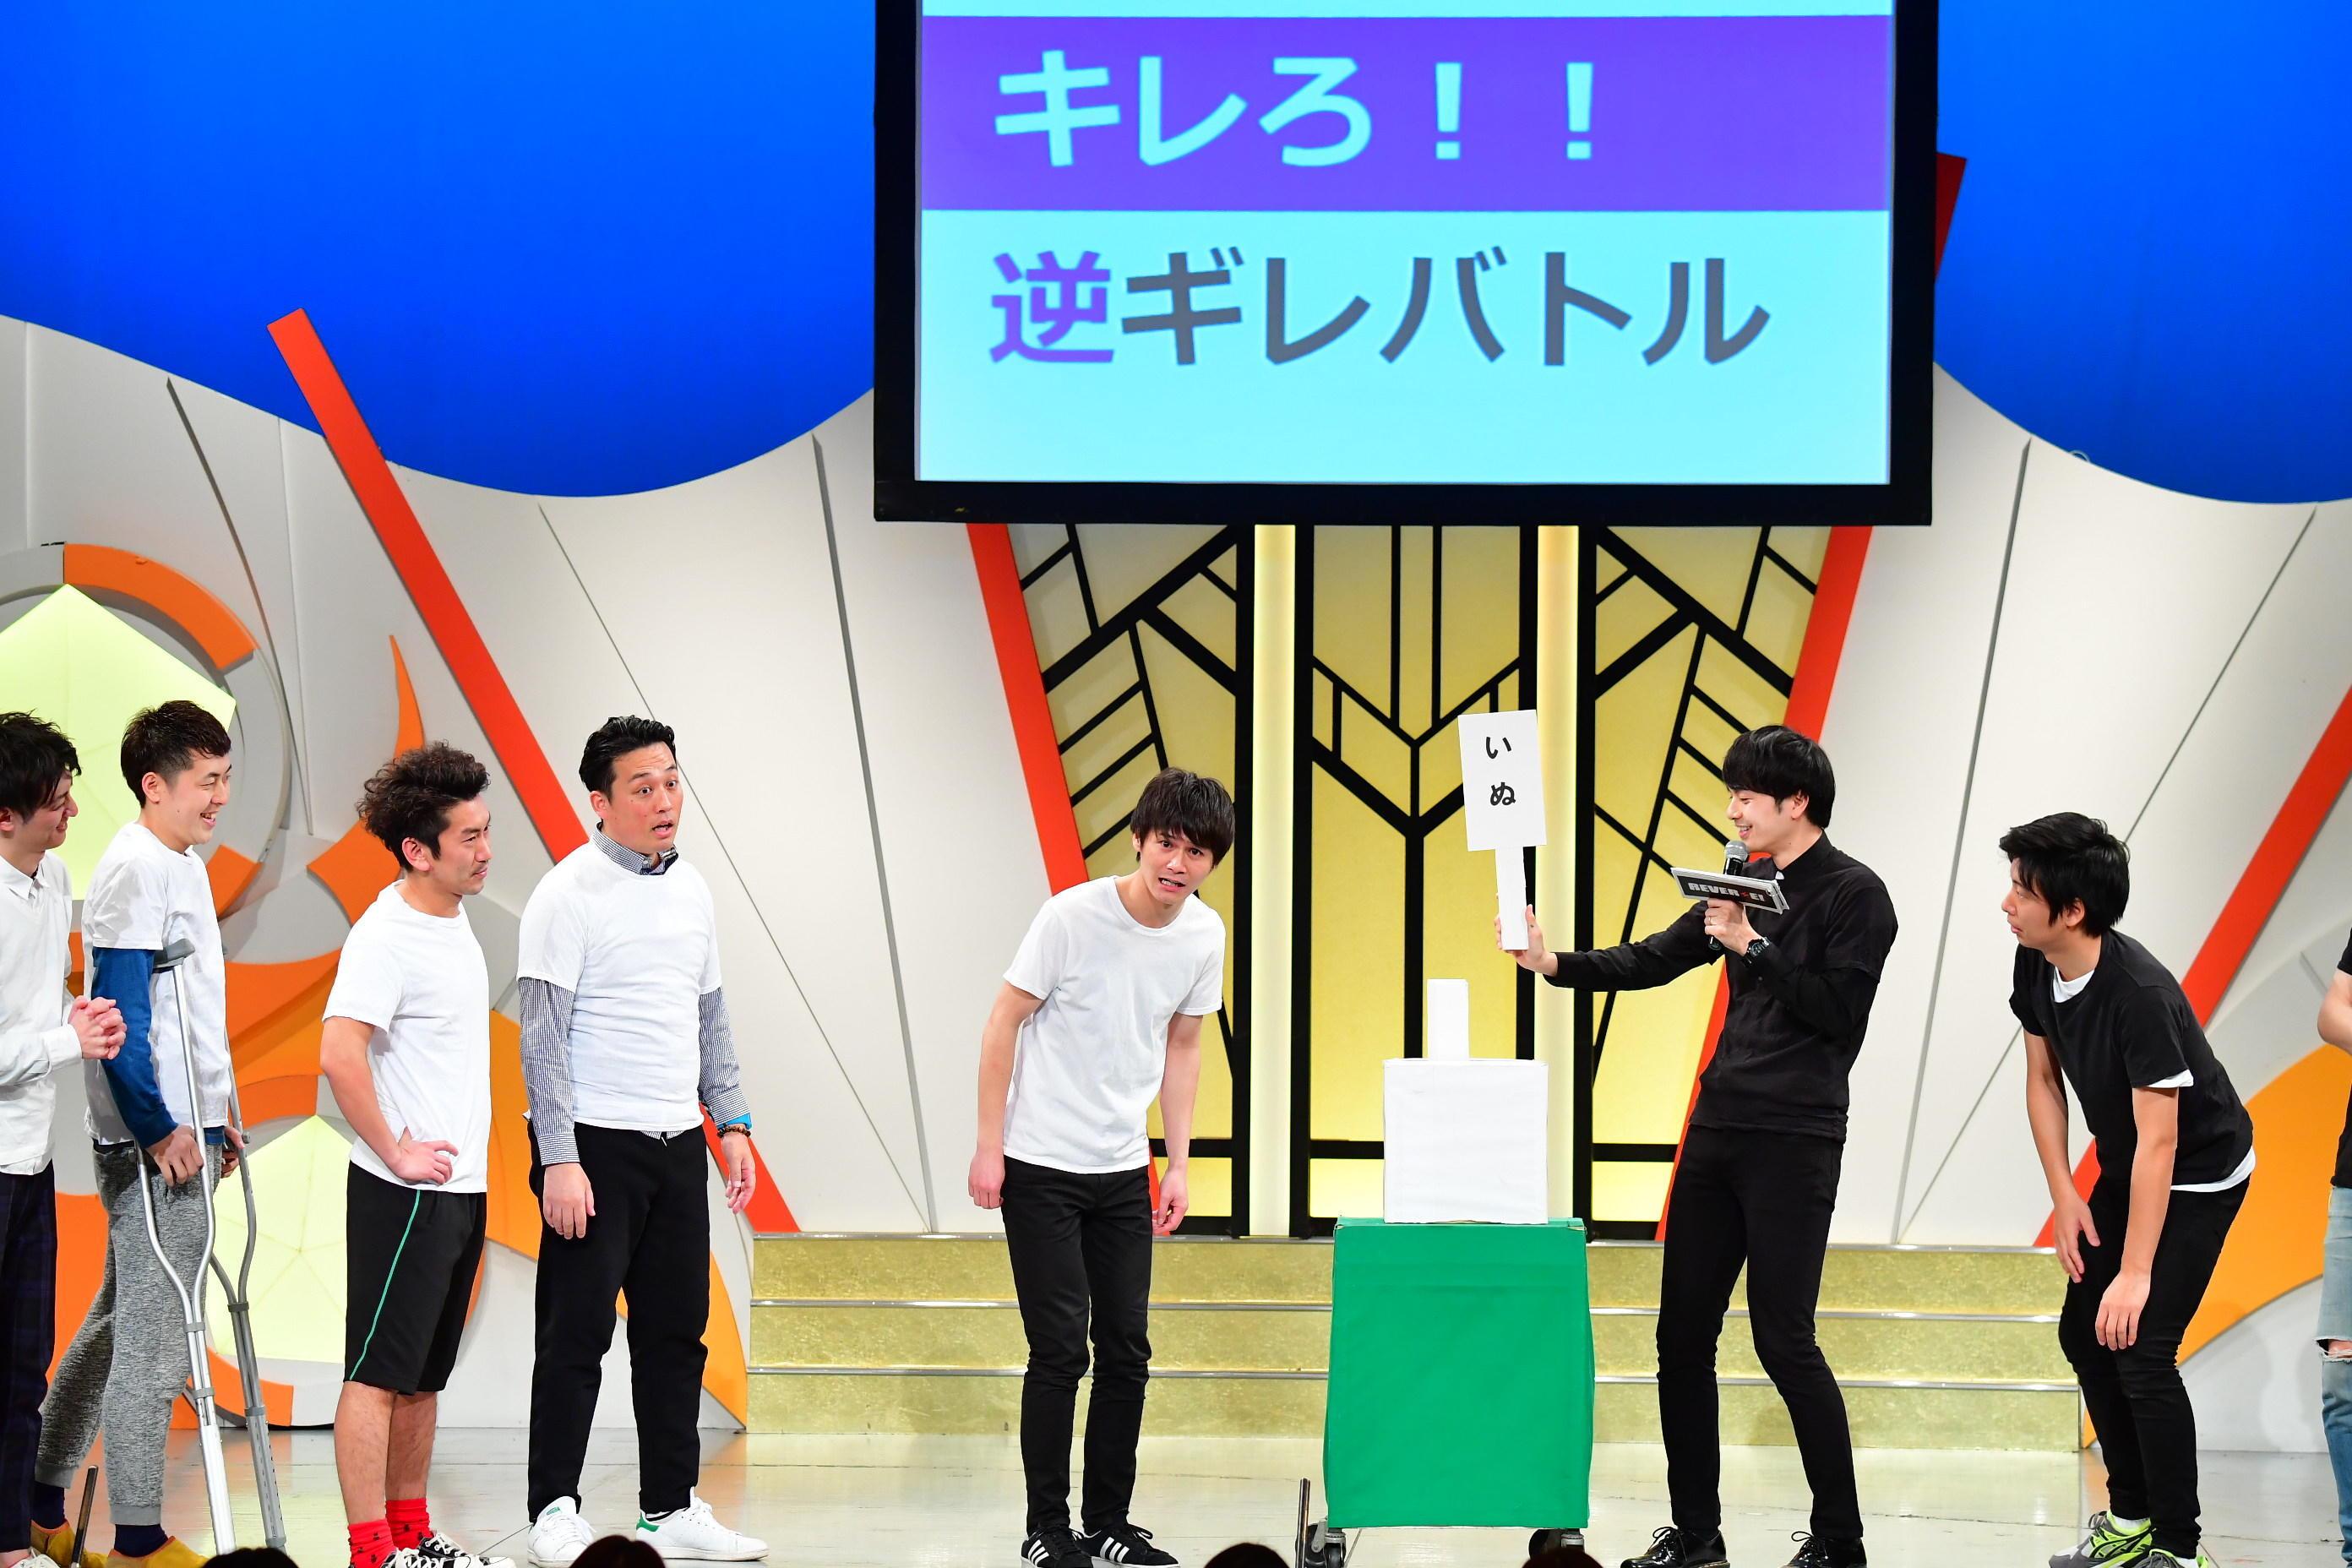 http://news.yoshimoto.co.jp/20180305134323-36b85c0c163e1537c0a49458a65dbc0d086e0b0a.jpg